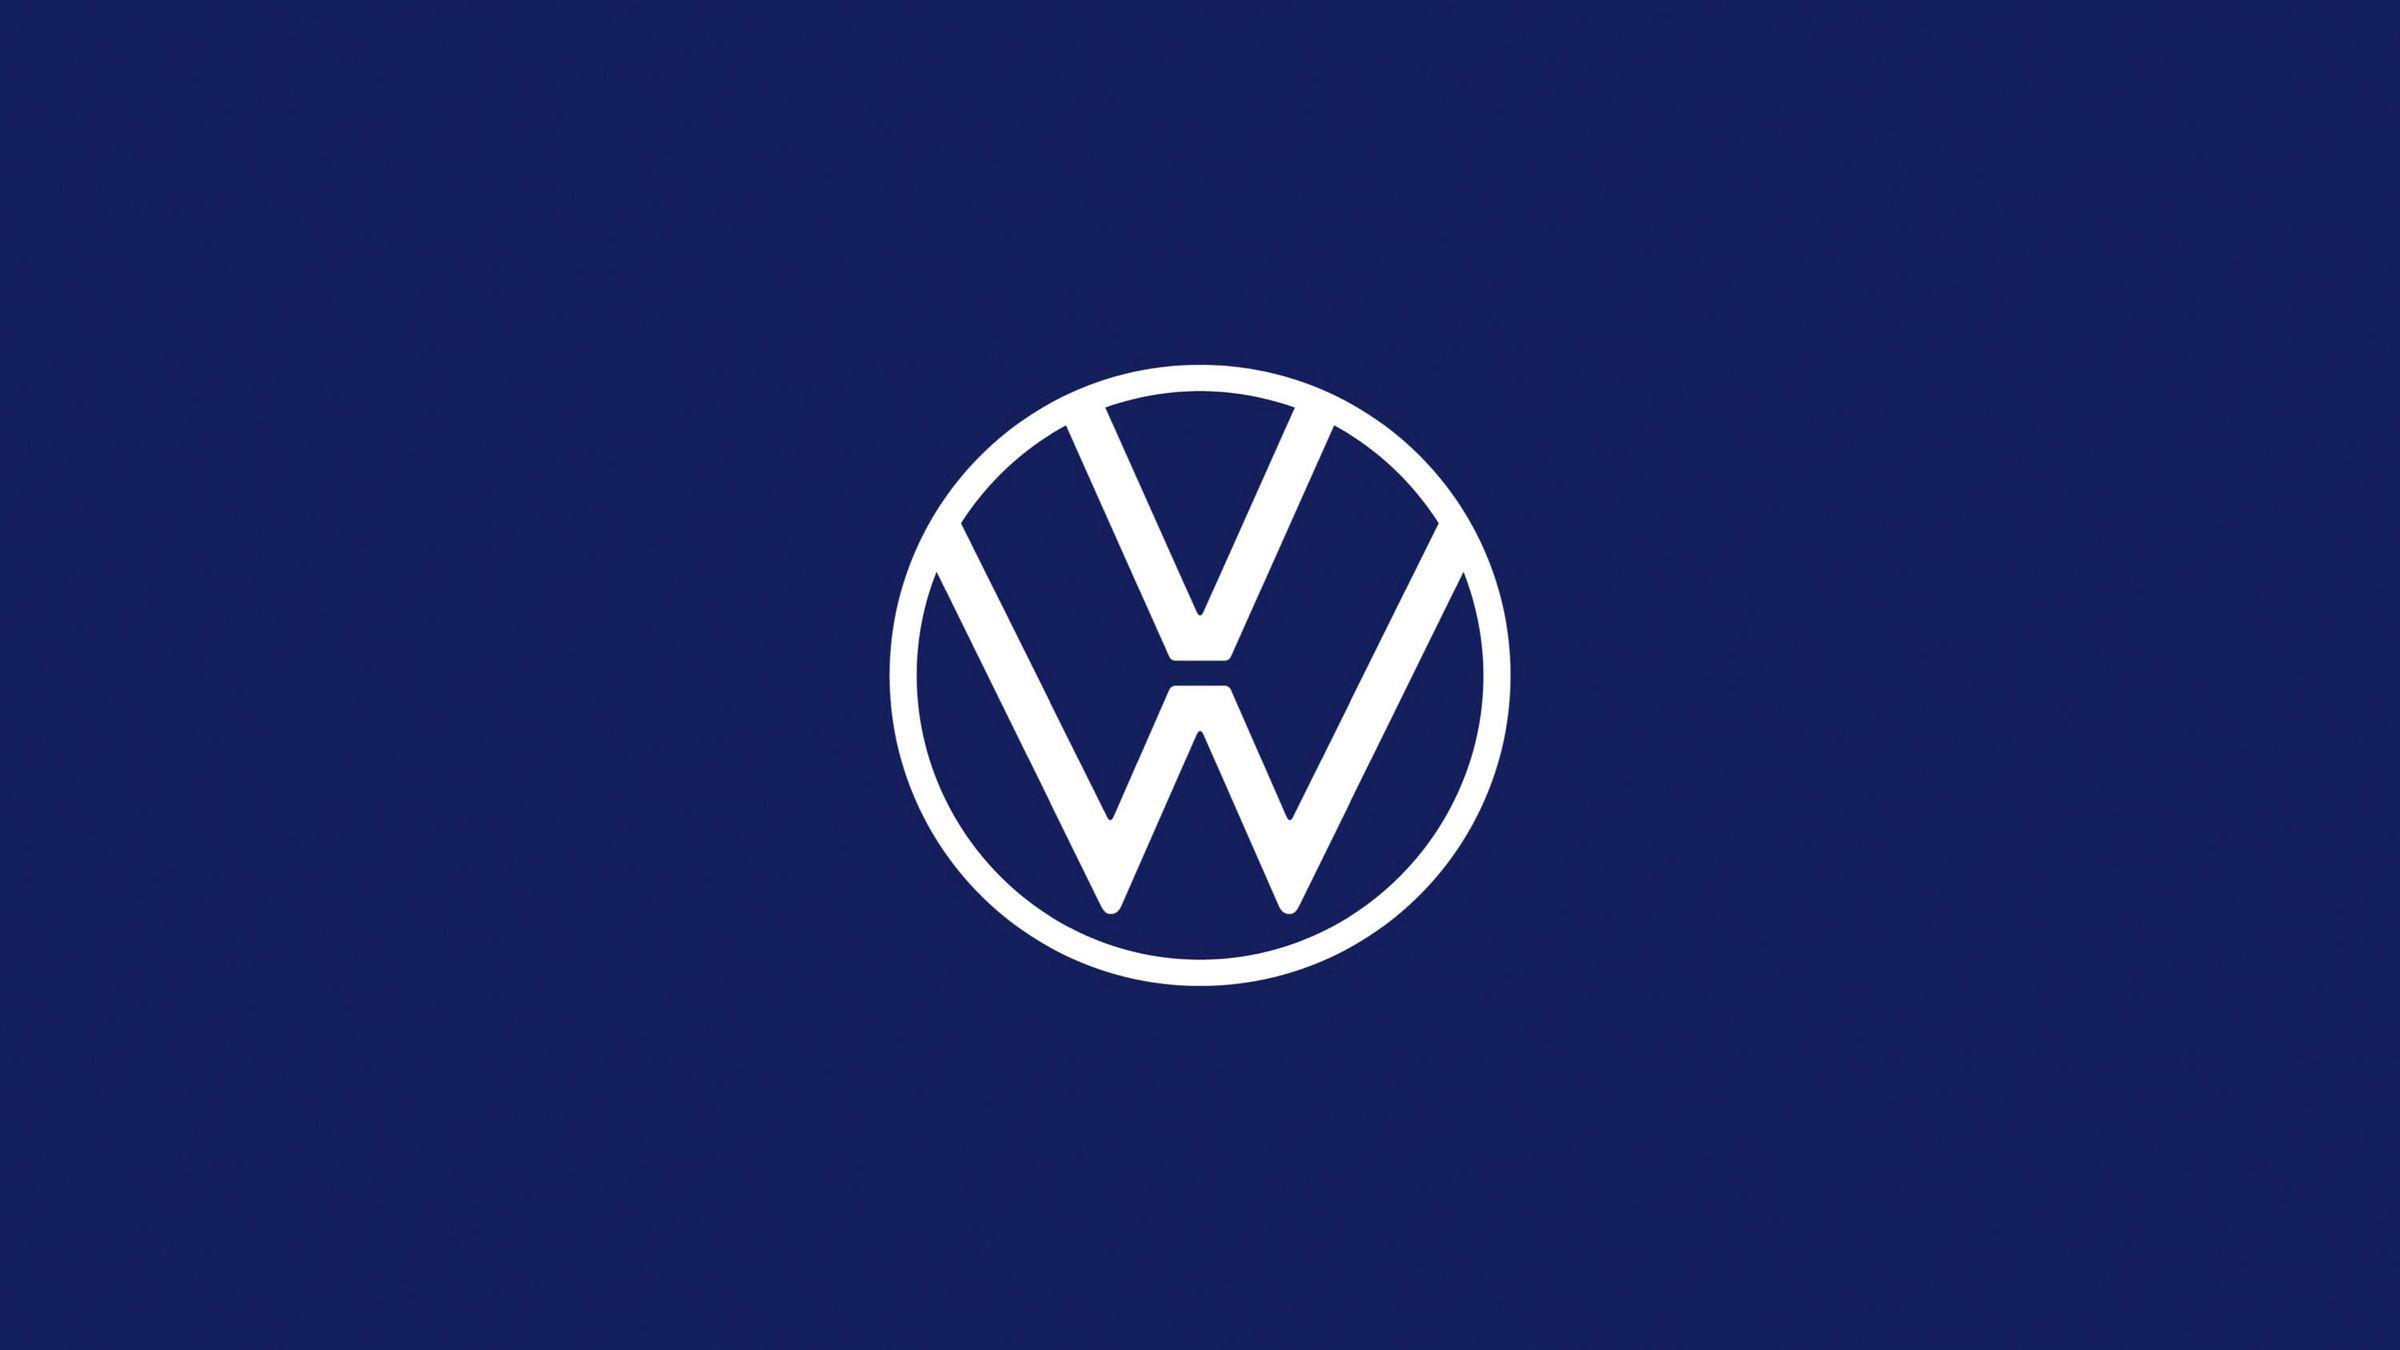 Volkswagen Unveils New Brand Design And Logo Volkswagen Newsroom In 2020 Volkswagen Volkswagen Company Volkswagen Group